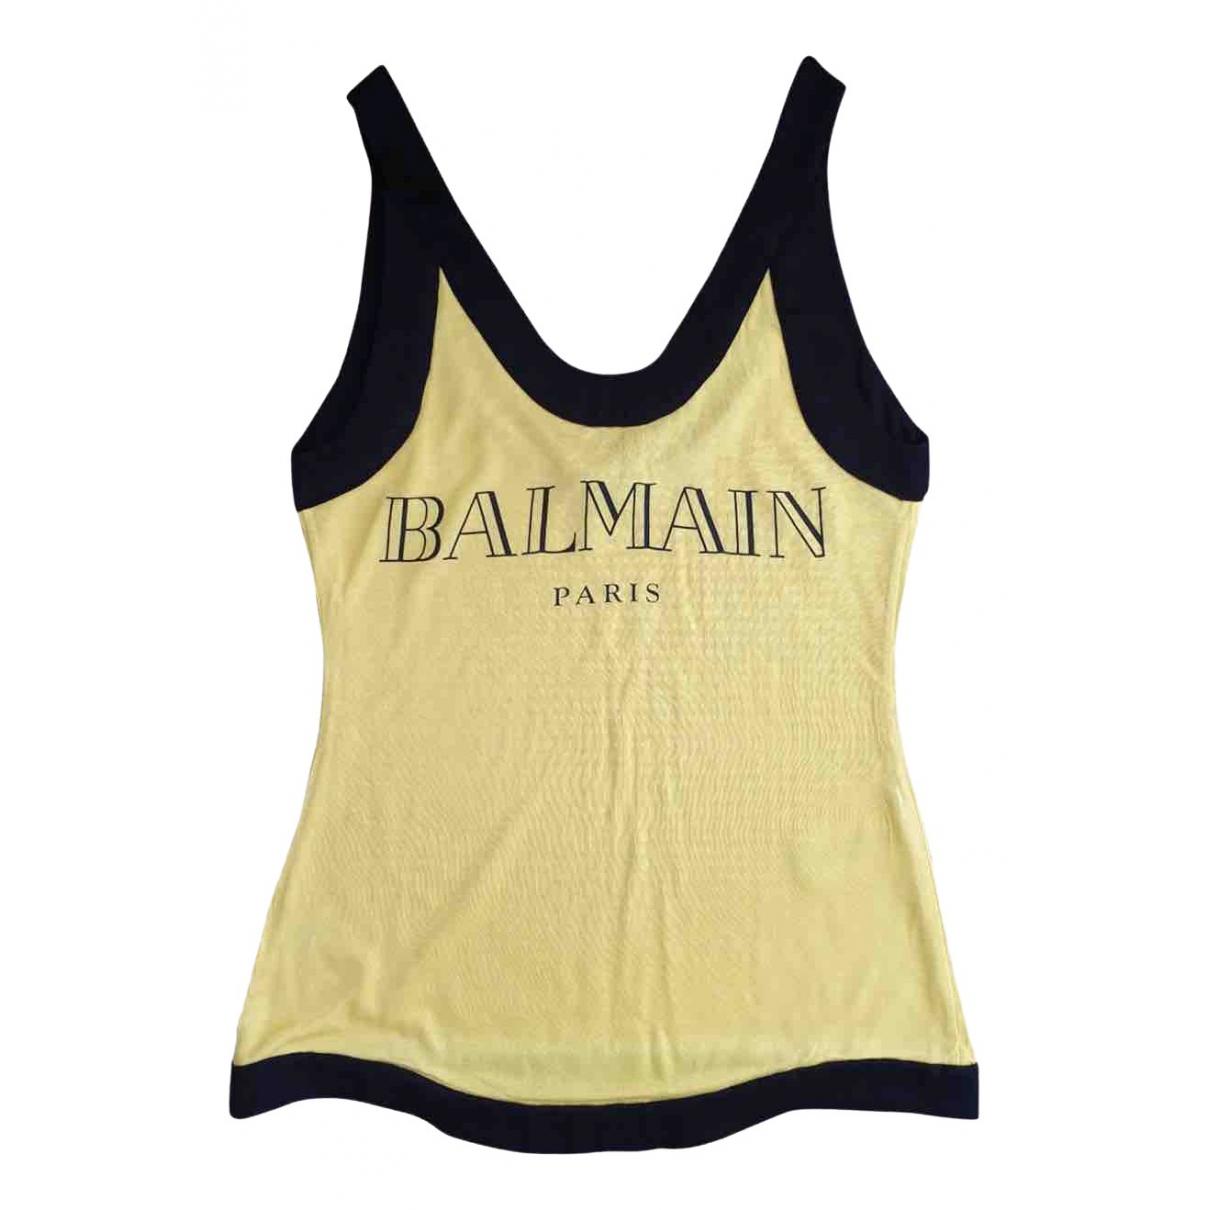 Balmain - Top   pour femme - jaune